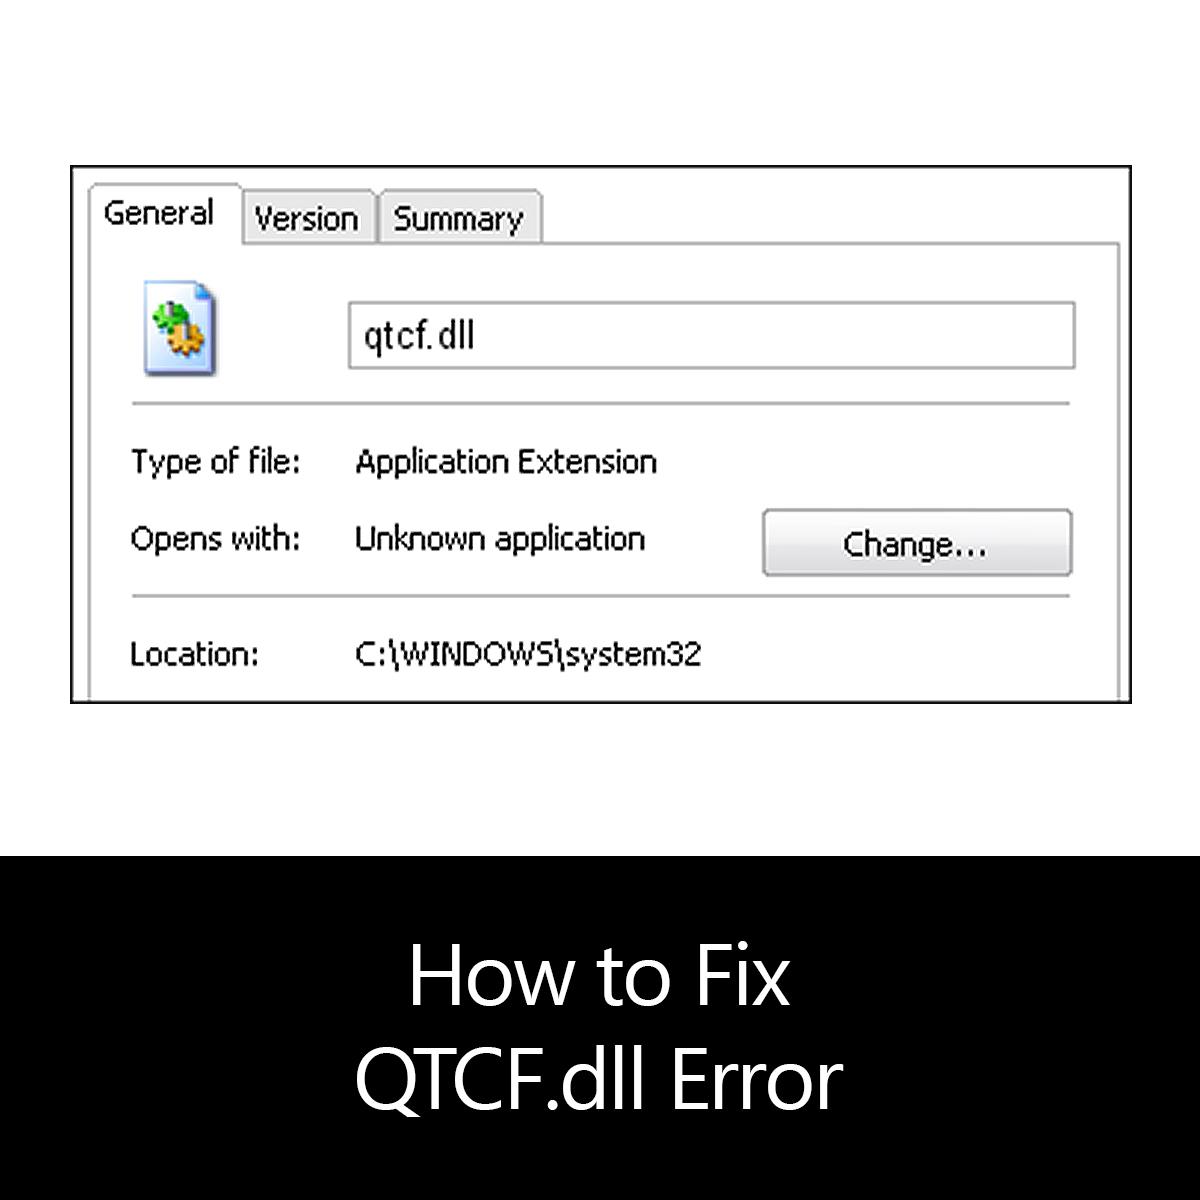 How to Fix QTCF.dll Error